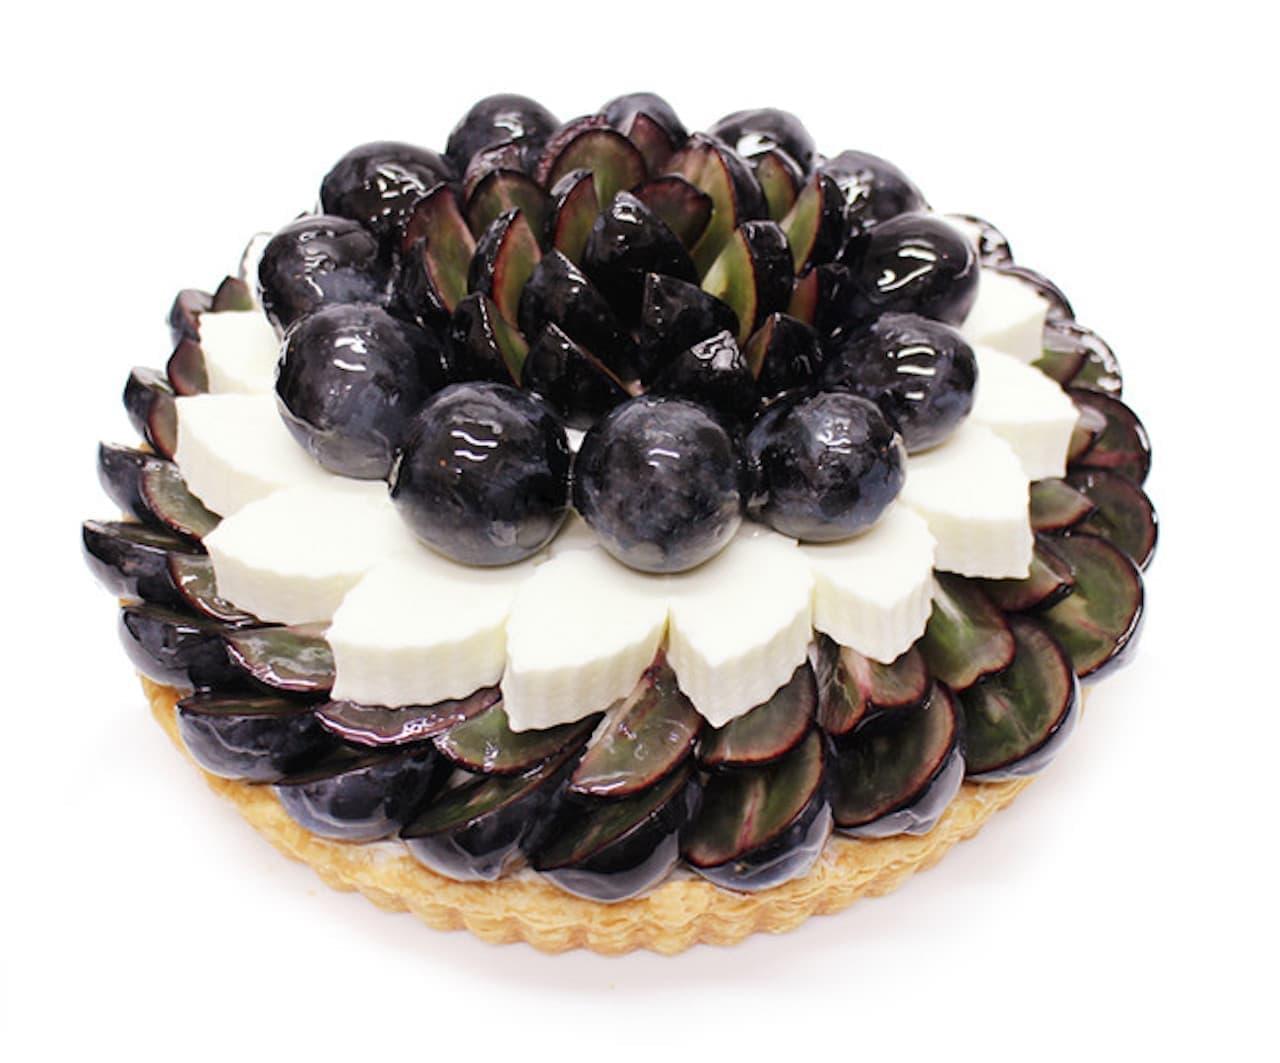 カフェコムサ「長野県産ぶどう「ナガノパープル」とヨーグルトムースのケーキ」